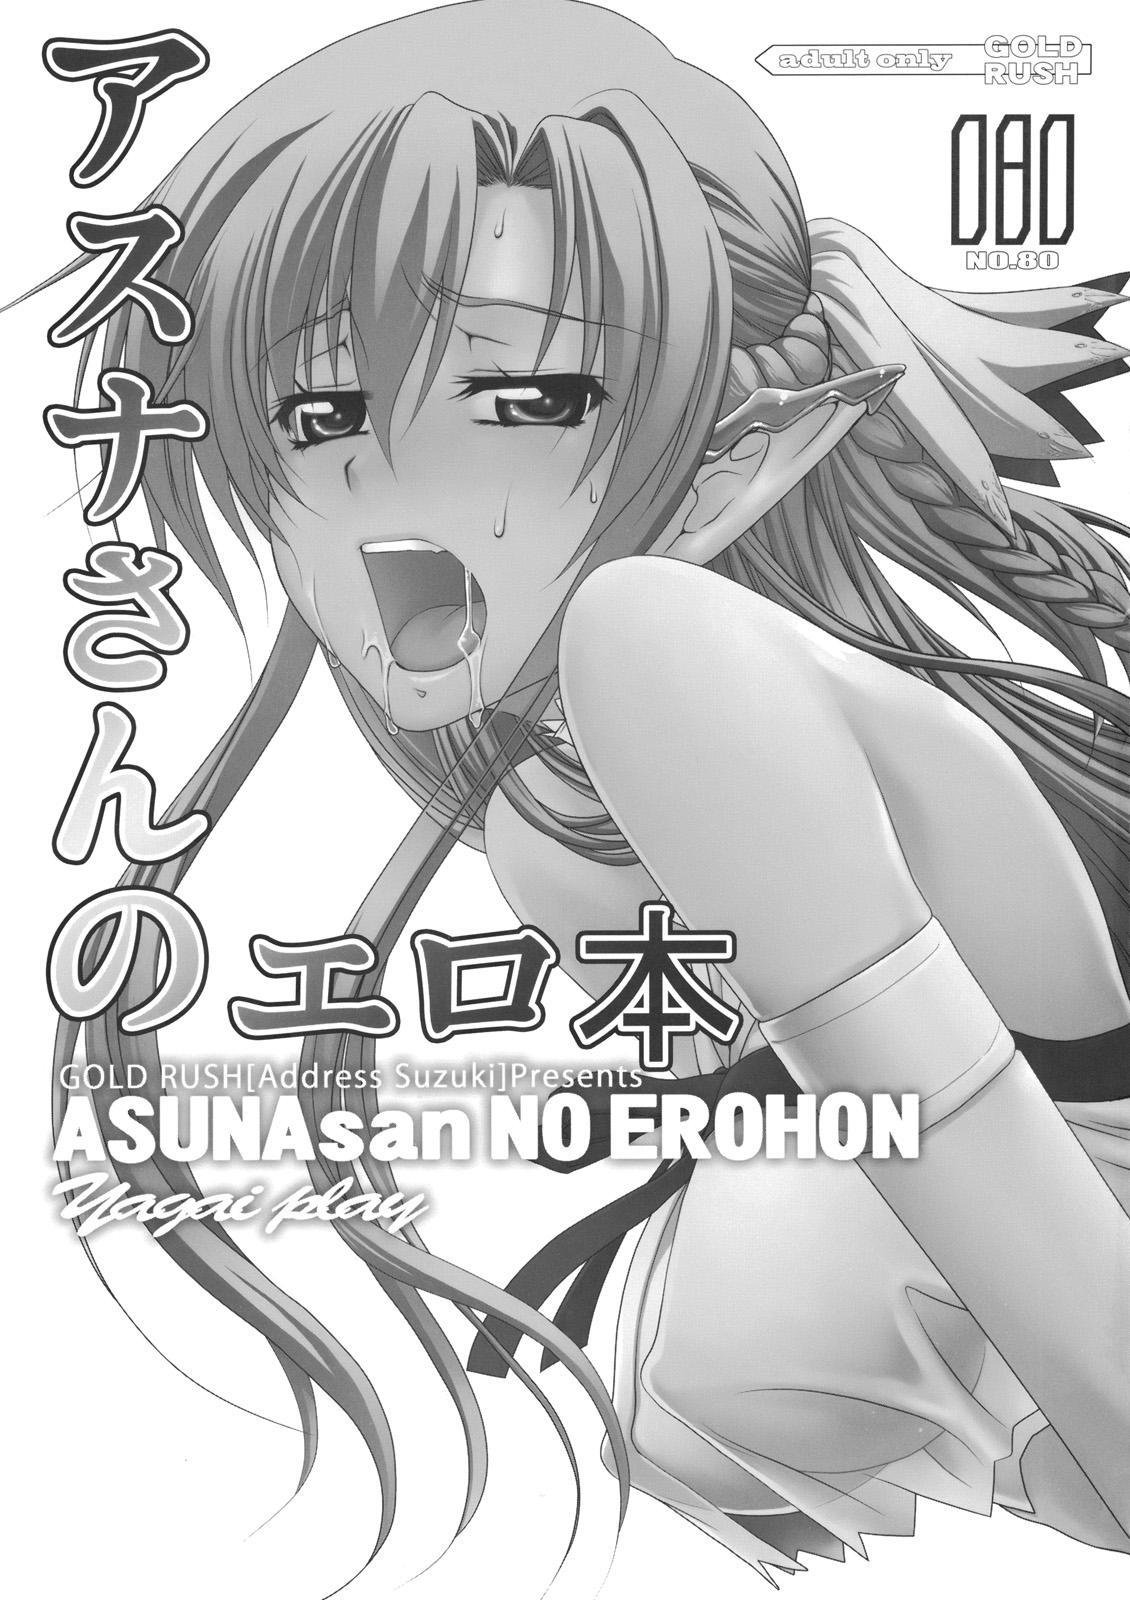 ASUNAsan NO EROHON 1